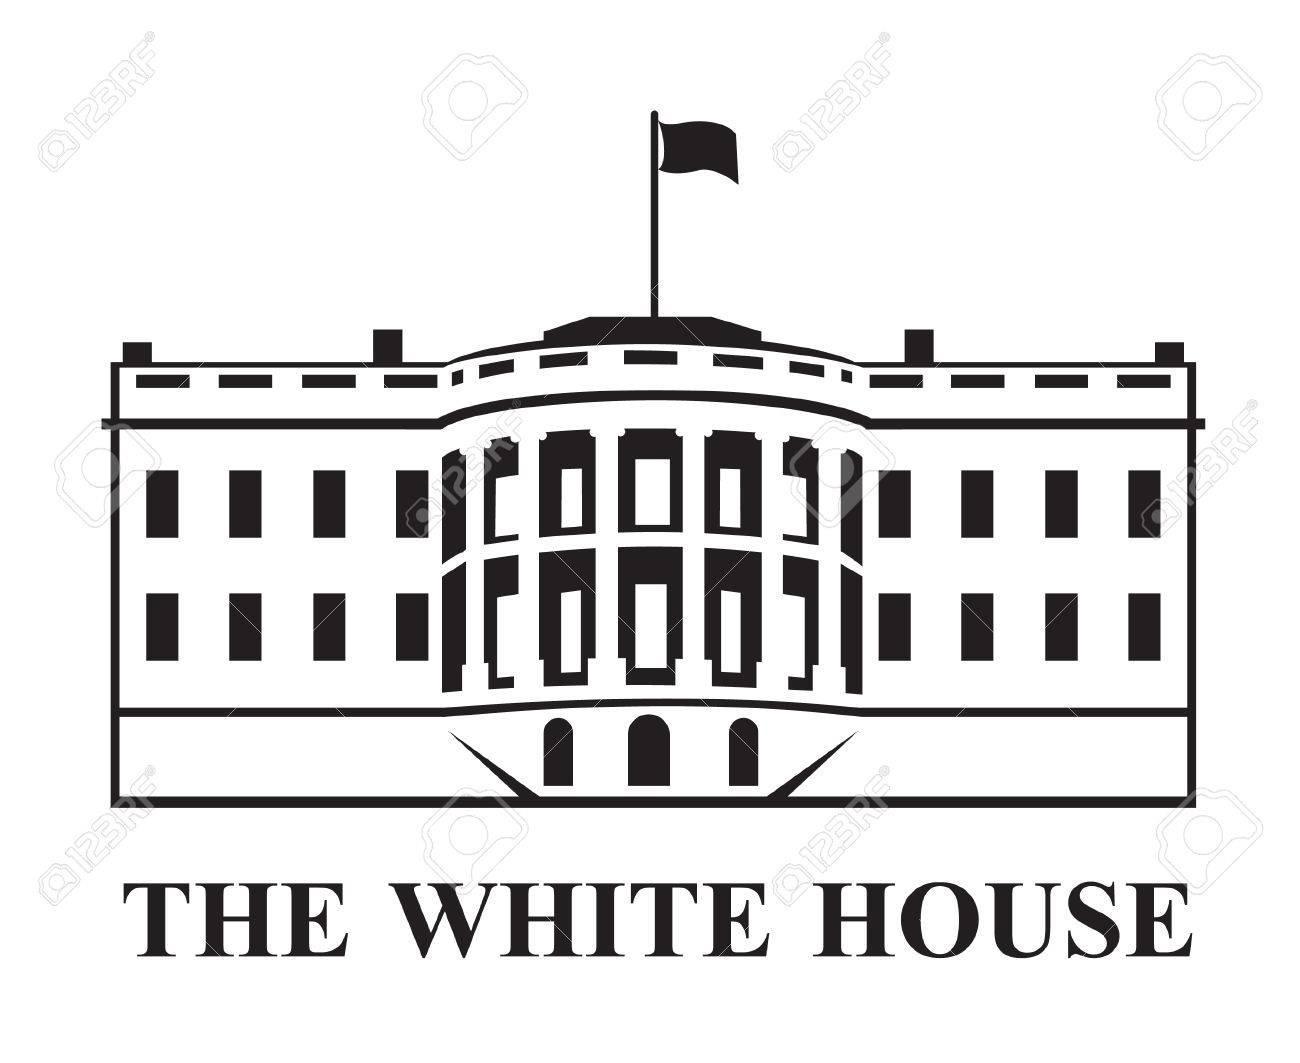 white house building icon in Washington DC.